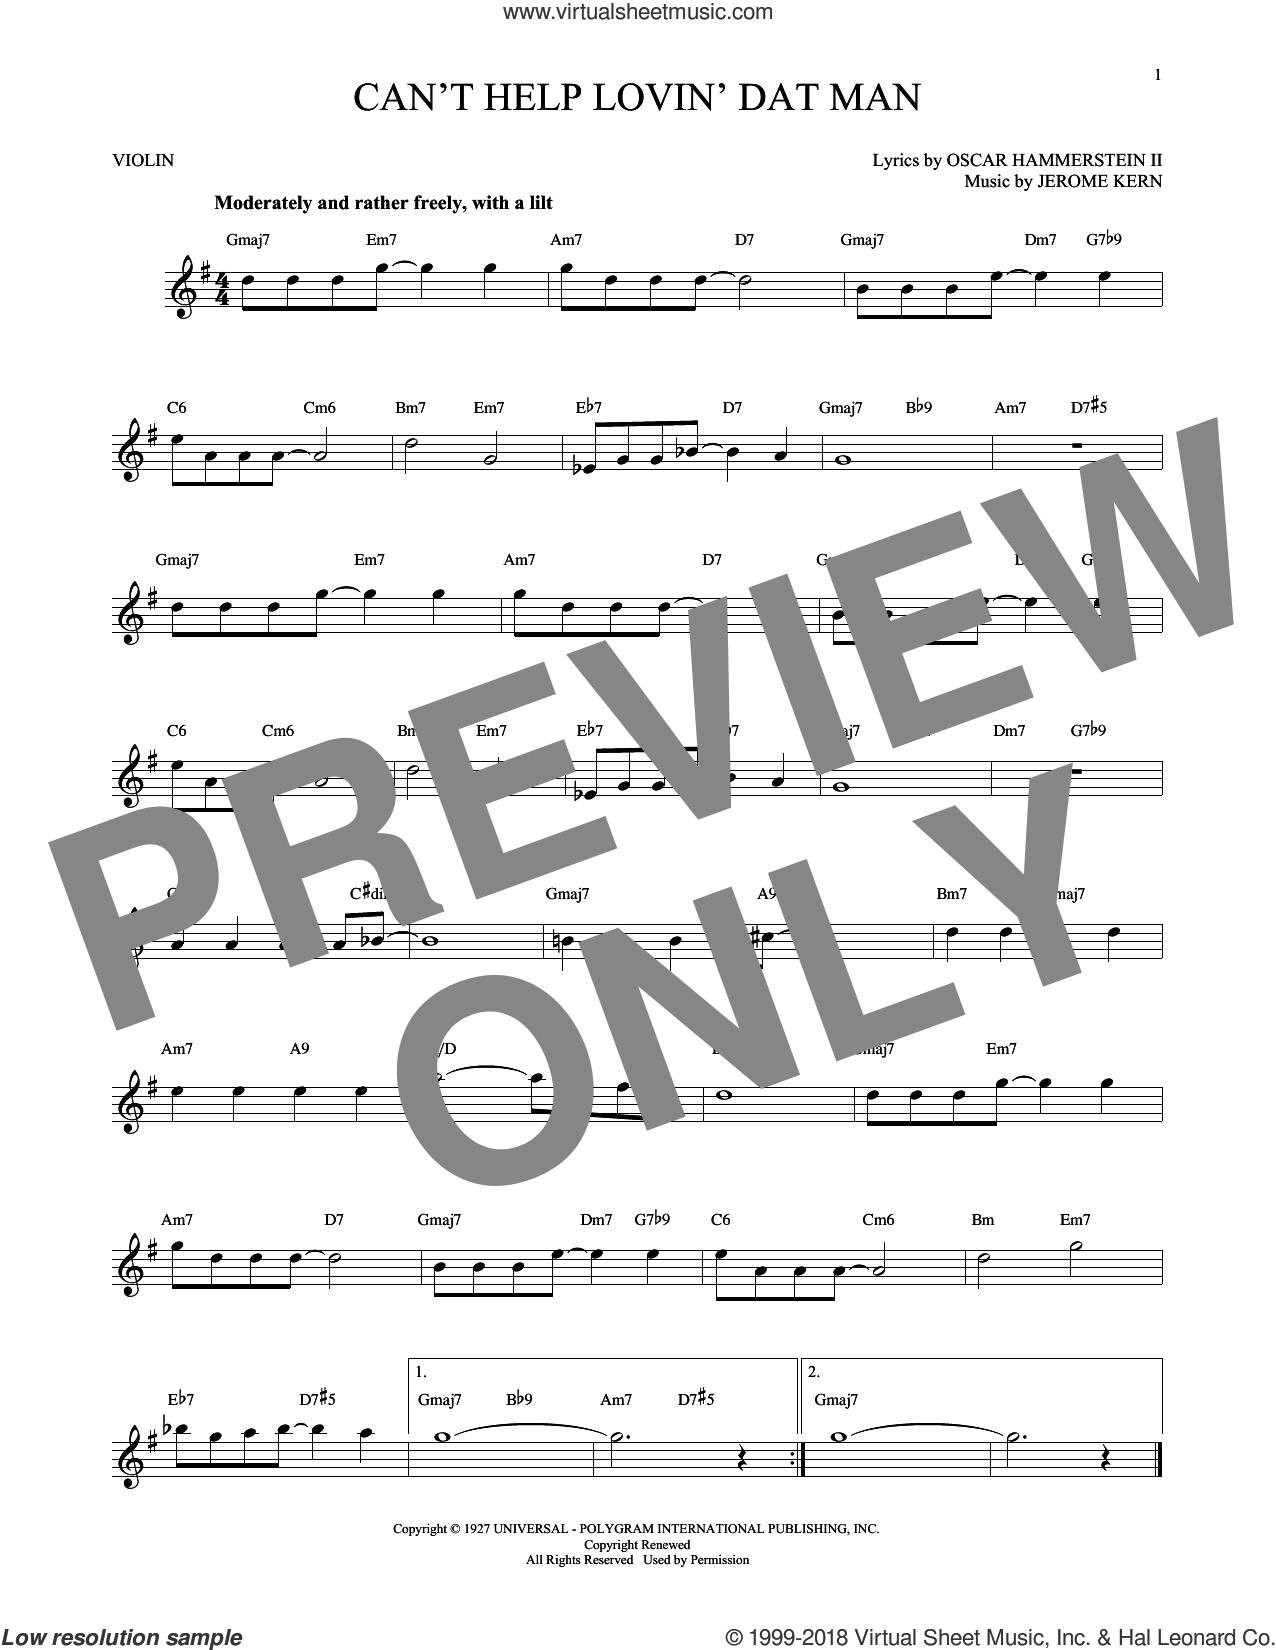 Can't Help Lovin' Dat Man sheet music for violin solo by Oscar II Hammerstein, Annette Warren, Helen Morgan and Jerome Kern, intermediate skill level